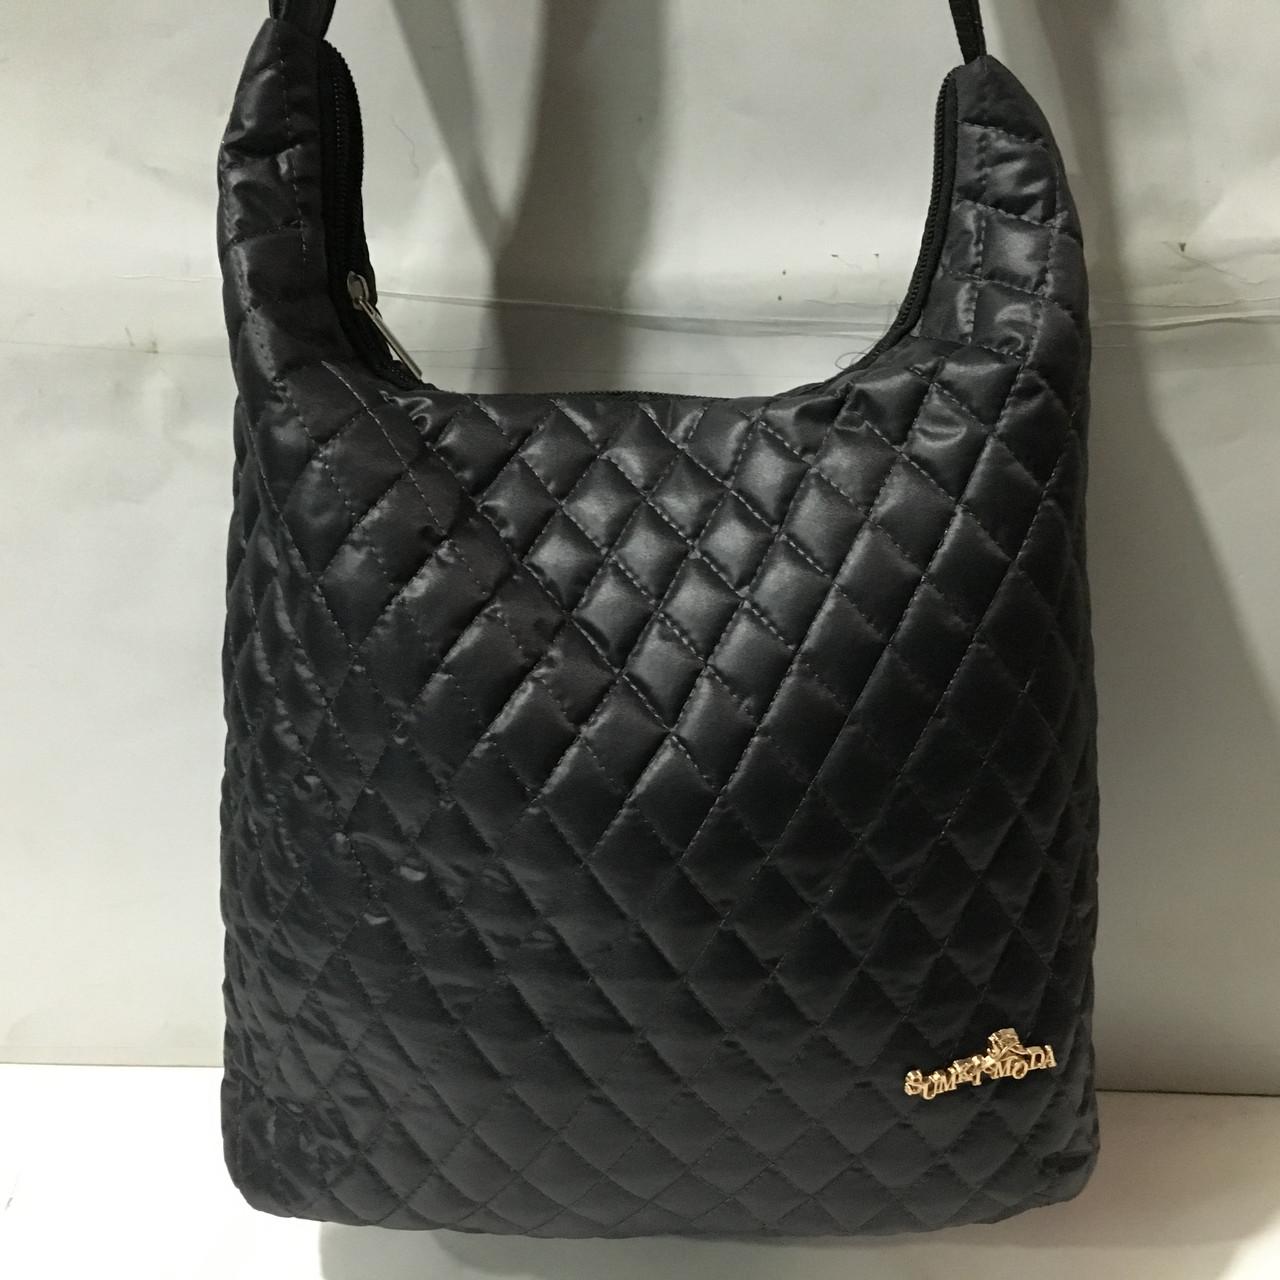 7f2927f83dfc Стильная стеганая болоньевая сумка. Модная женская сумка. Удобная,  вместительная сумка(оптом)